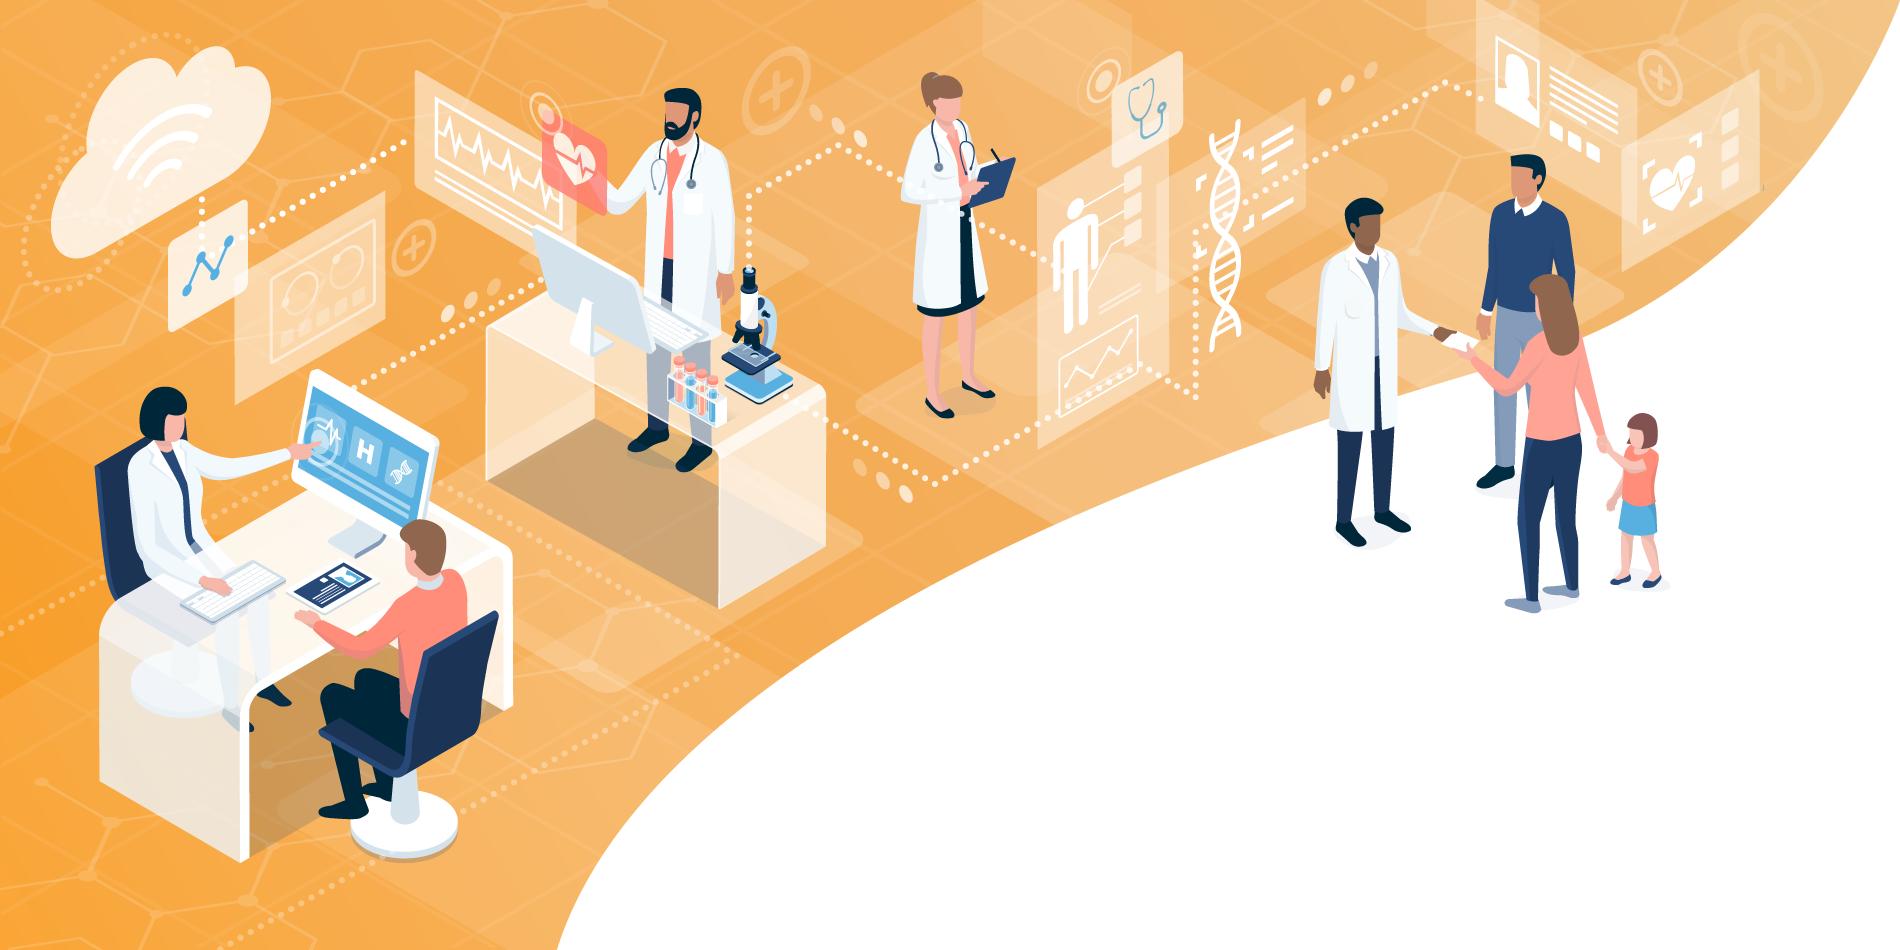 Quais as vantagens do uso da inteligência artificial na saúde?